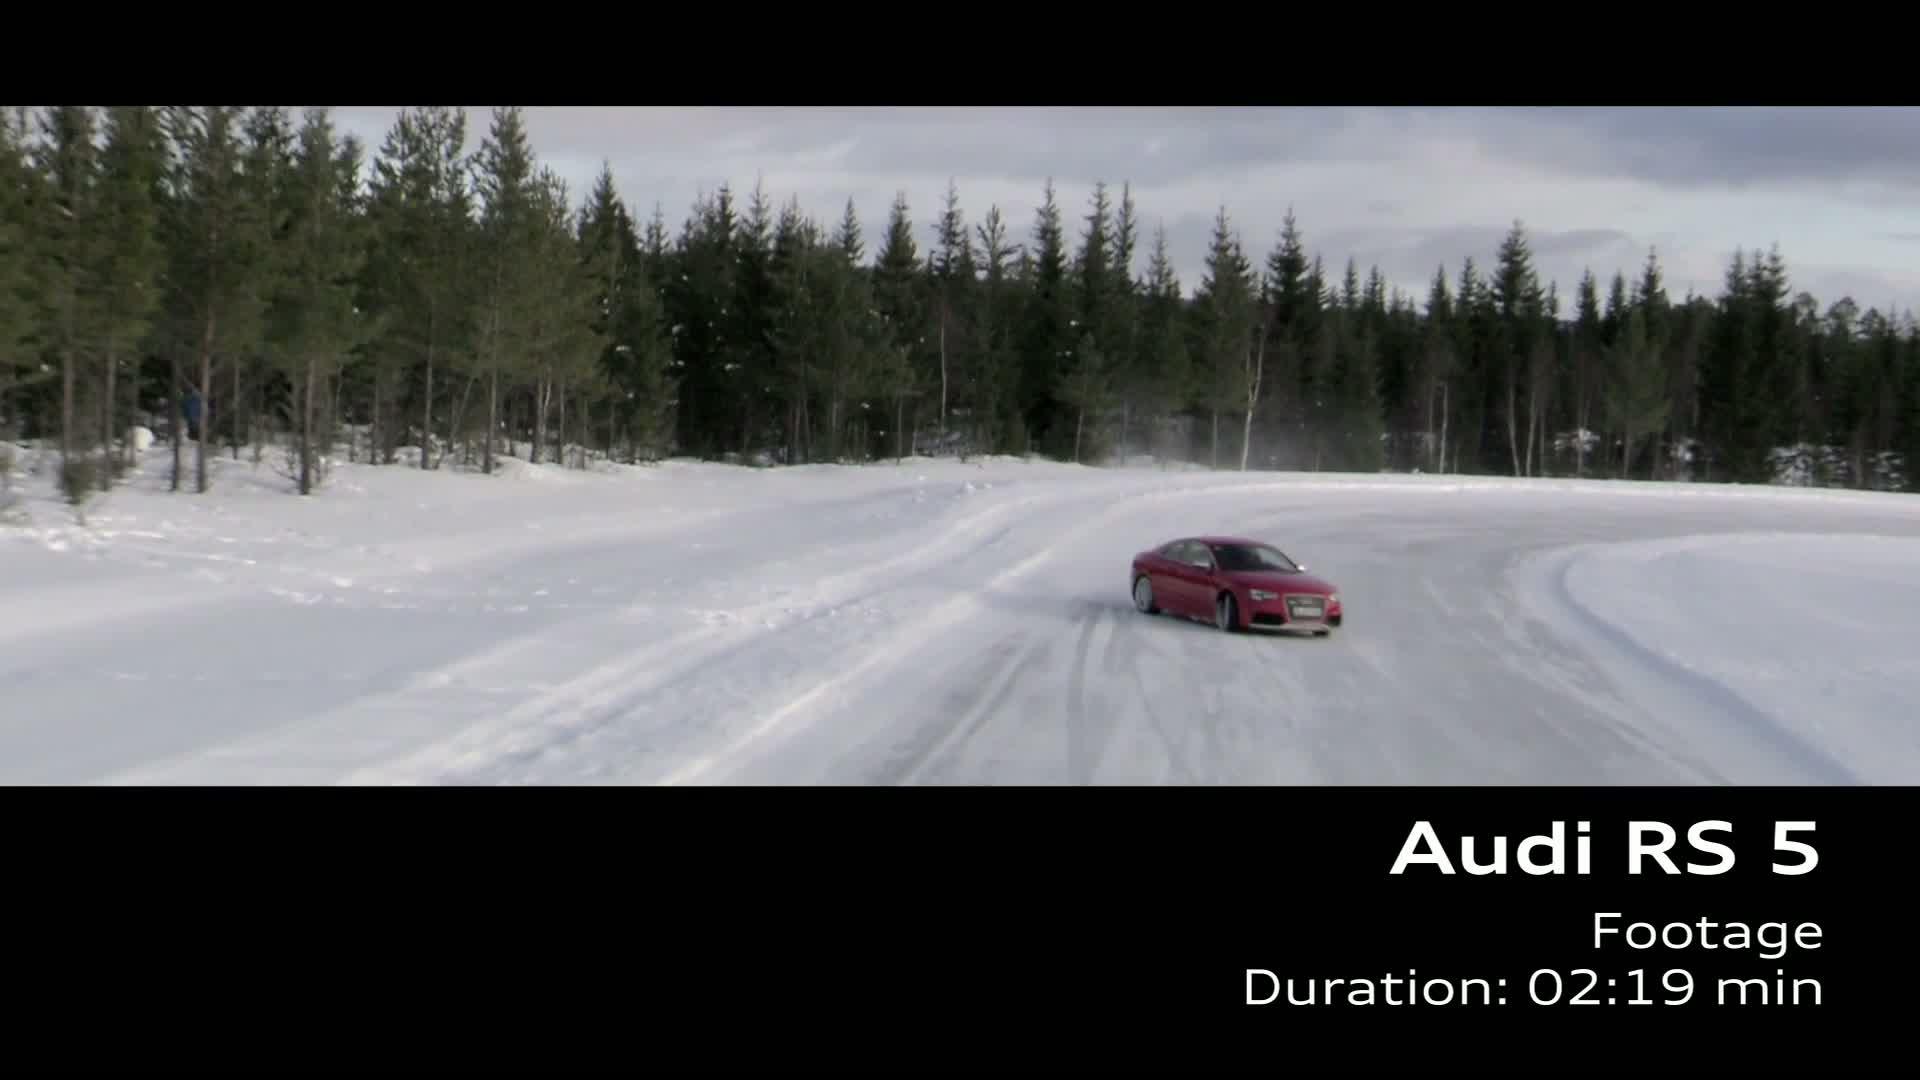 Der Audi RS 5 - Footage Schweden